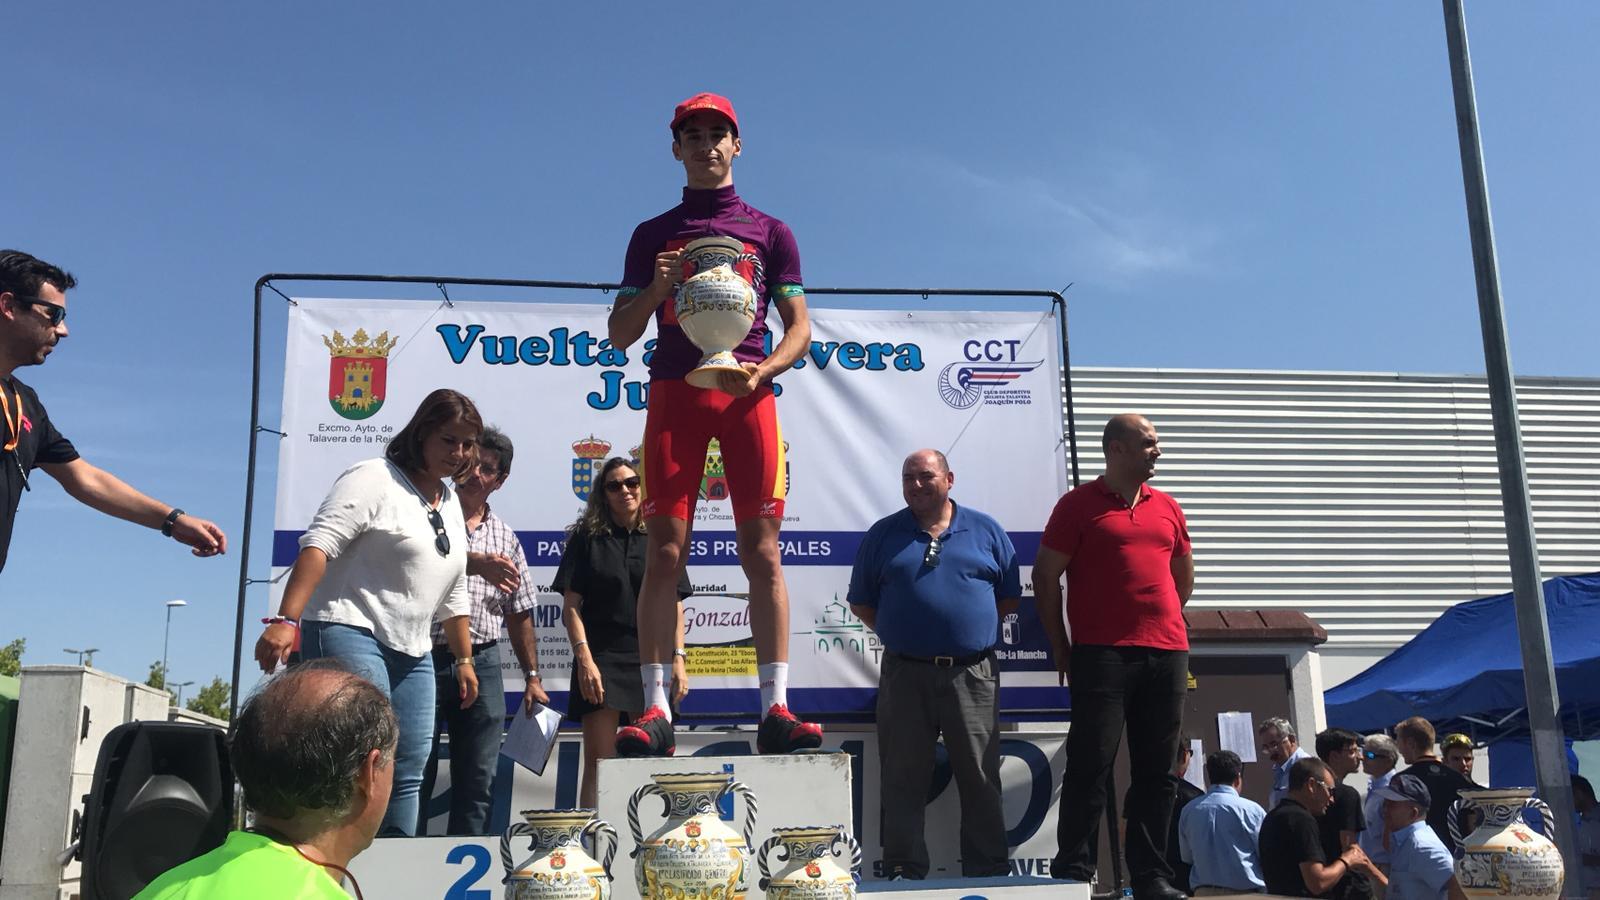 Vuelta a Talavera